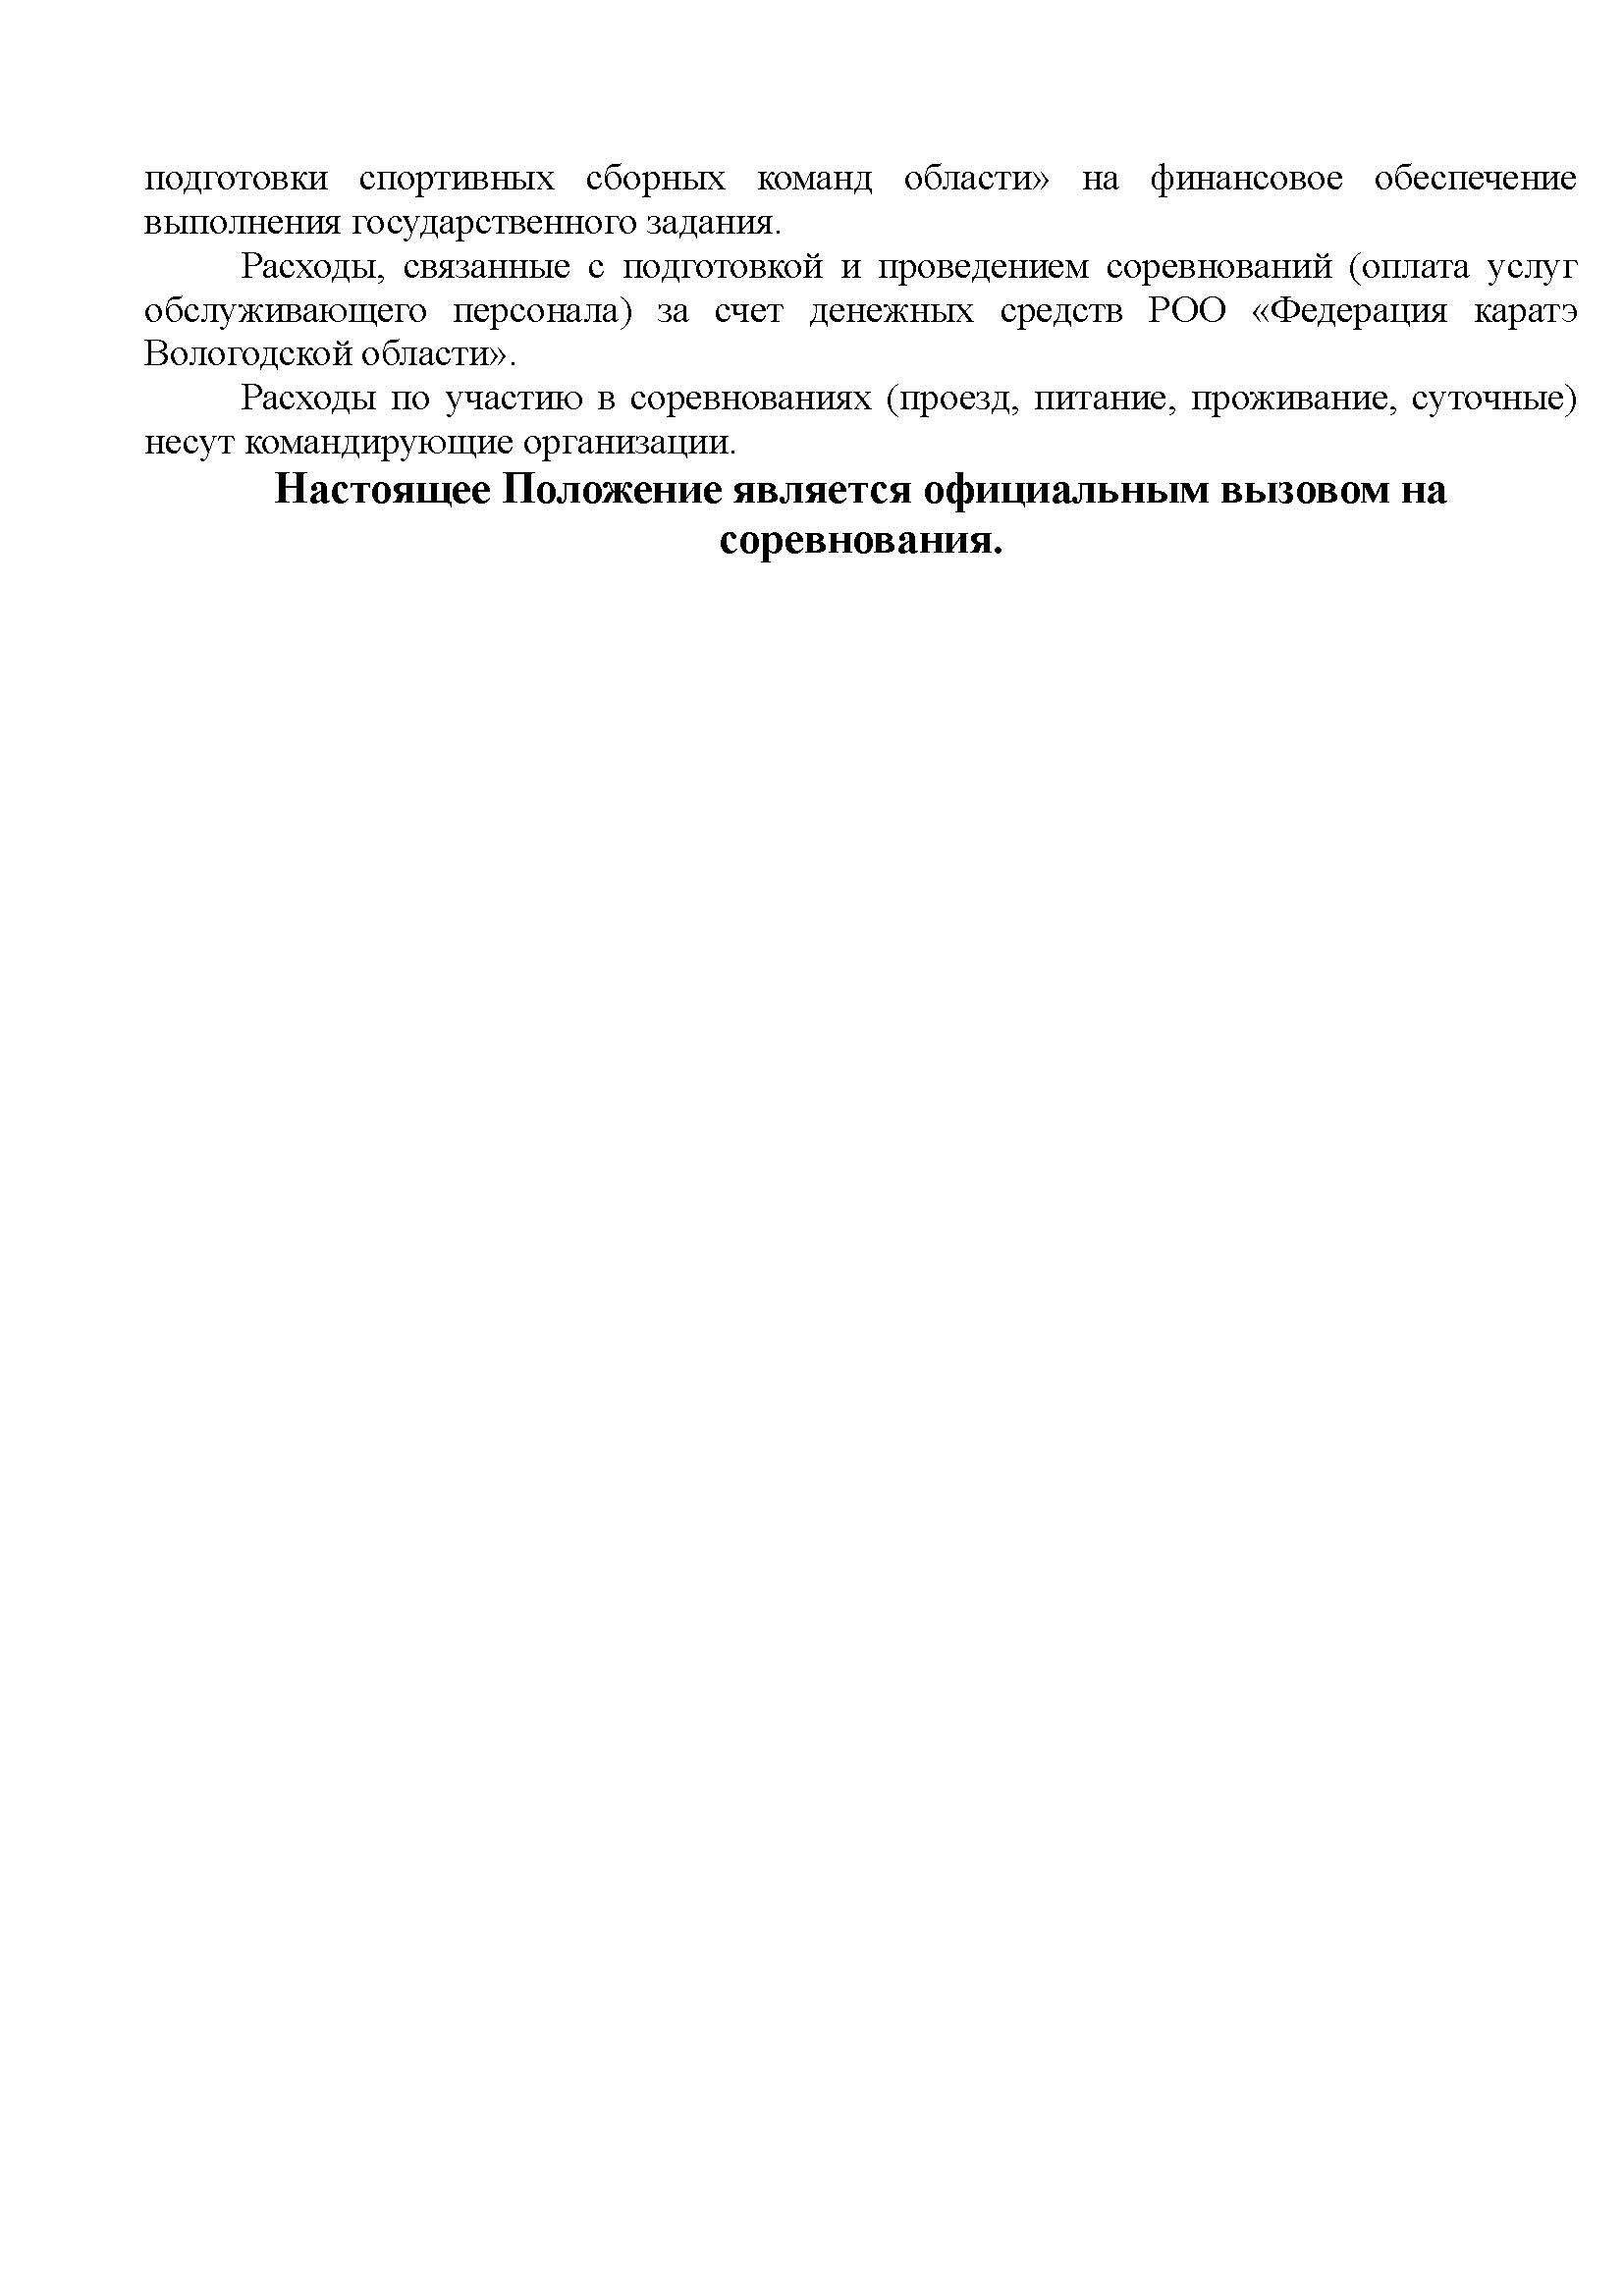 СЗФО-2020_001-OF_Страница_6